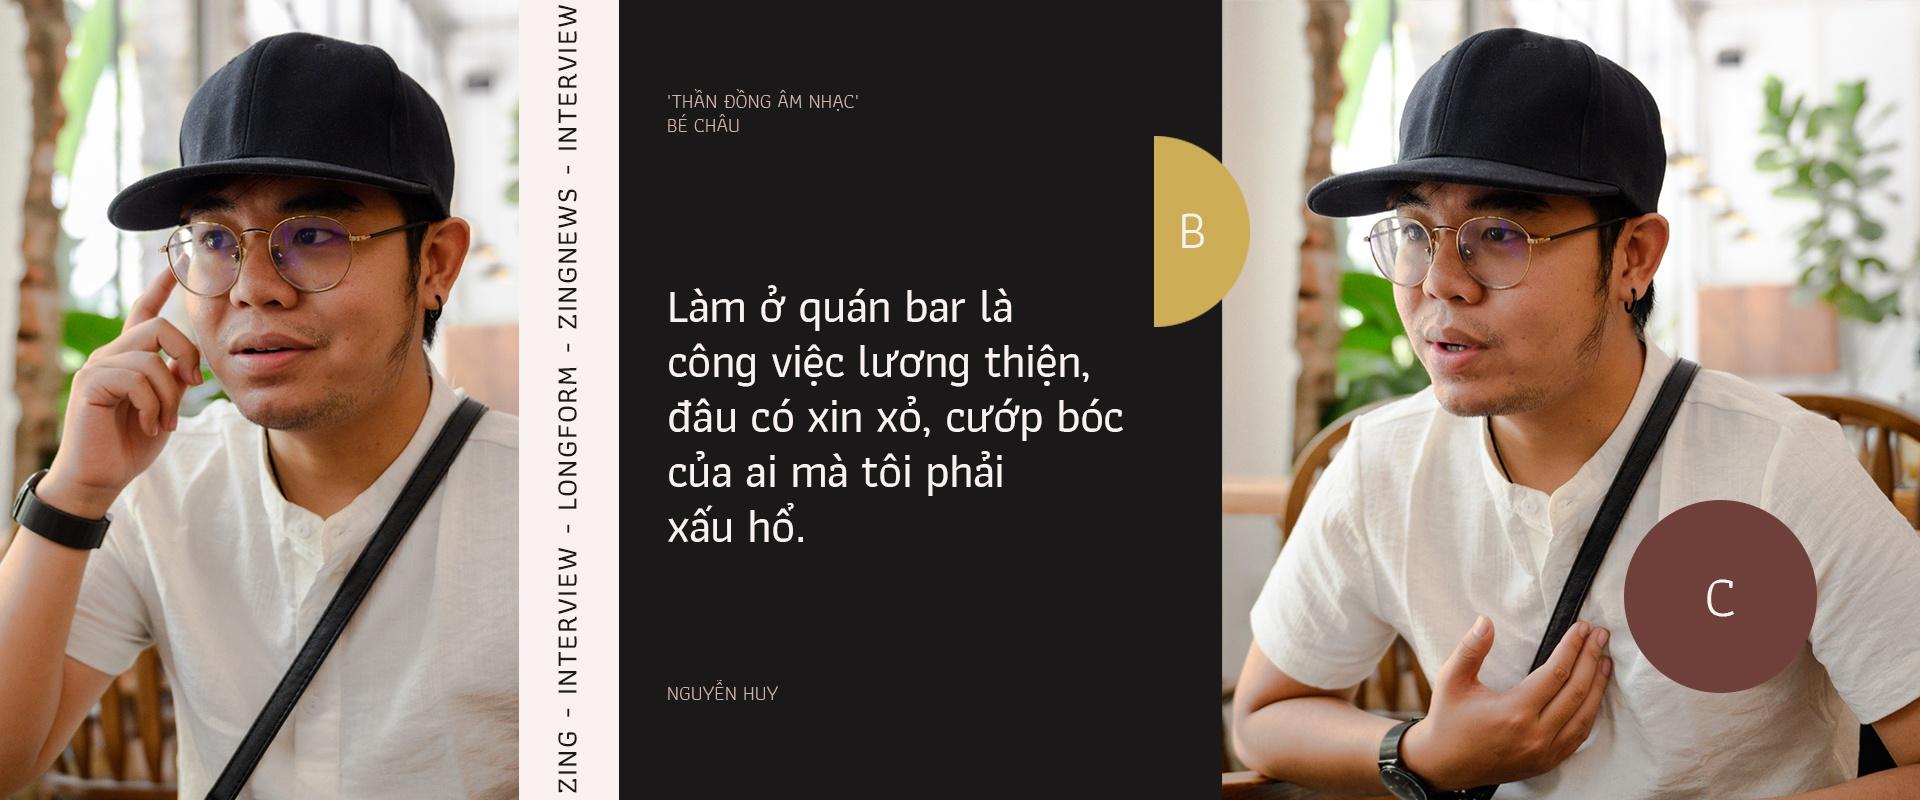 than dong am nhac be Chau lam nhan vien quan bar anh 2